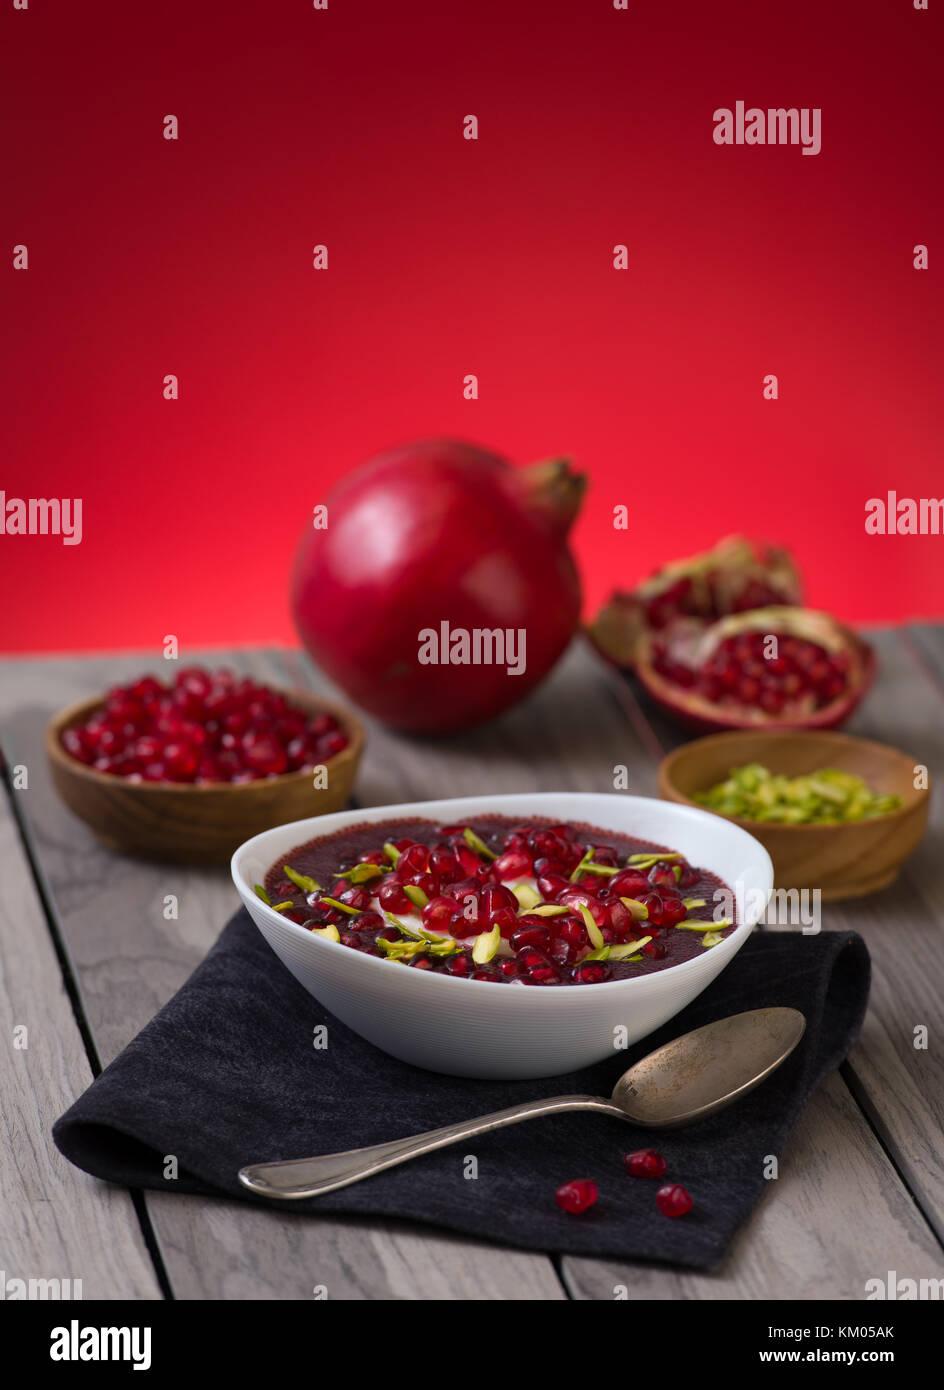 Désert de Grenade avec les pistaches, semences Chia, tapioca au lait et yaourts. alimentation saine. copie rouge Banque D'Images